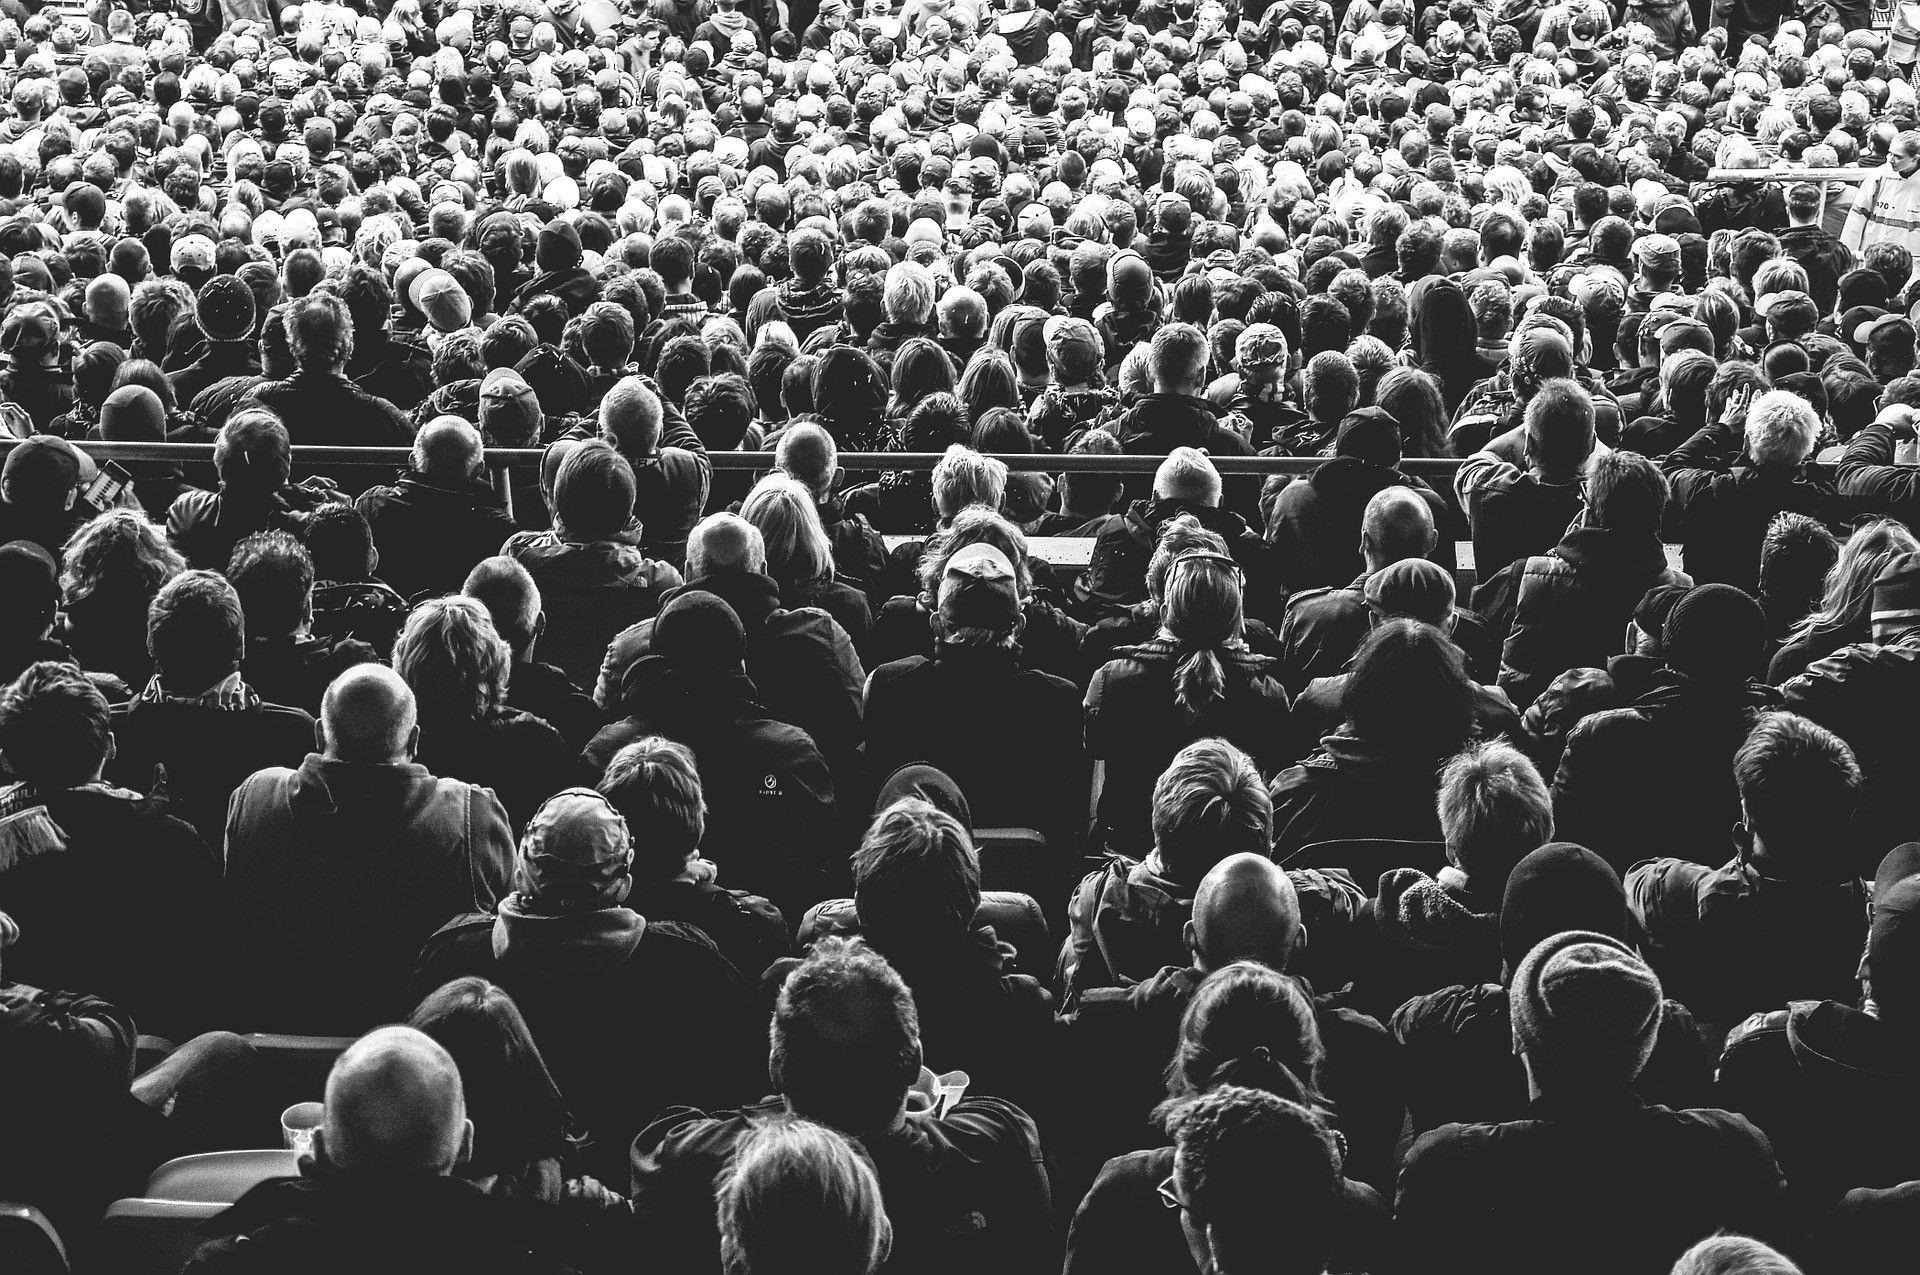 Bilde av en stor folkemengde